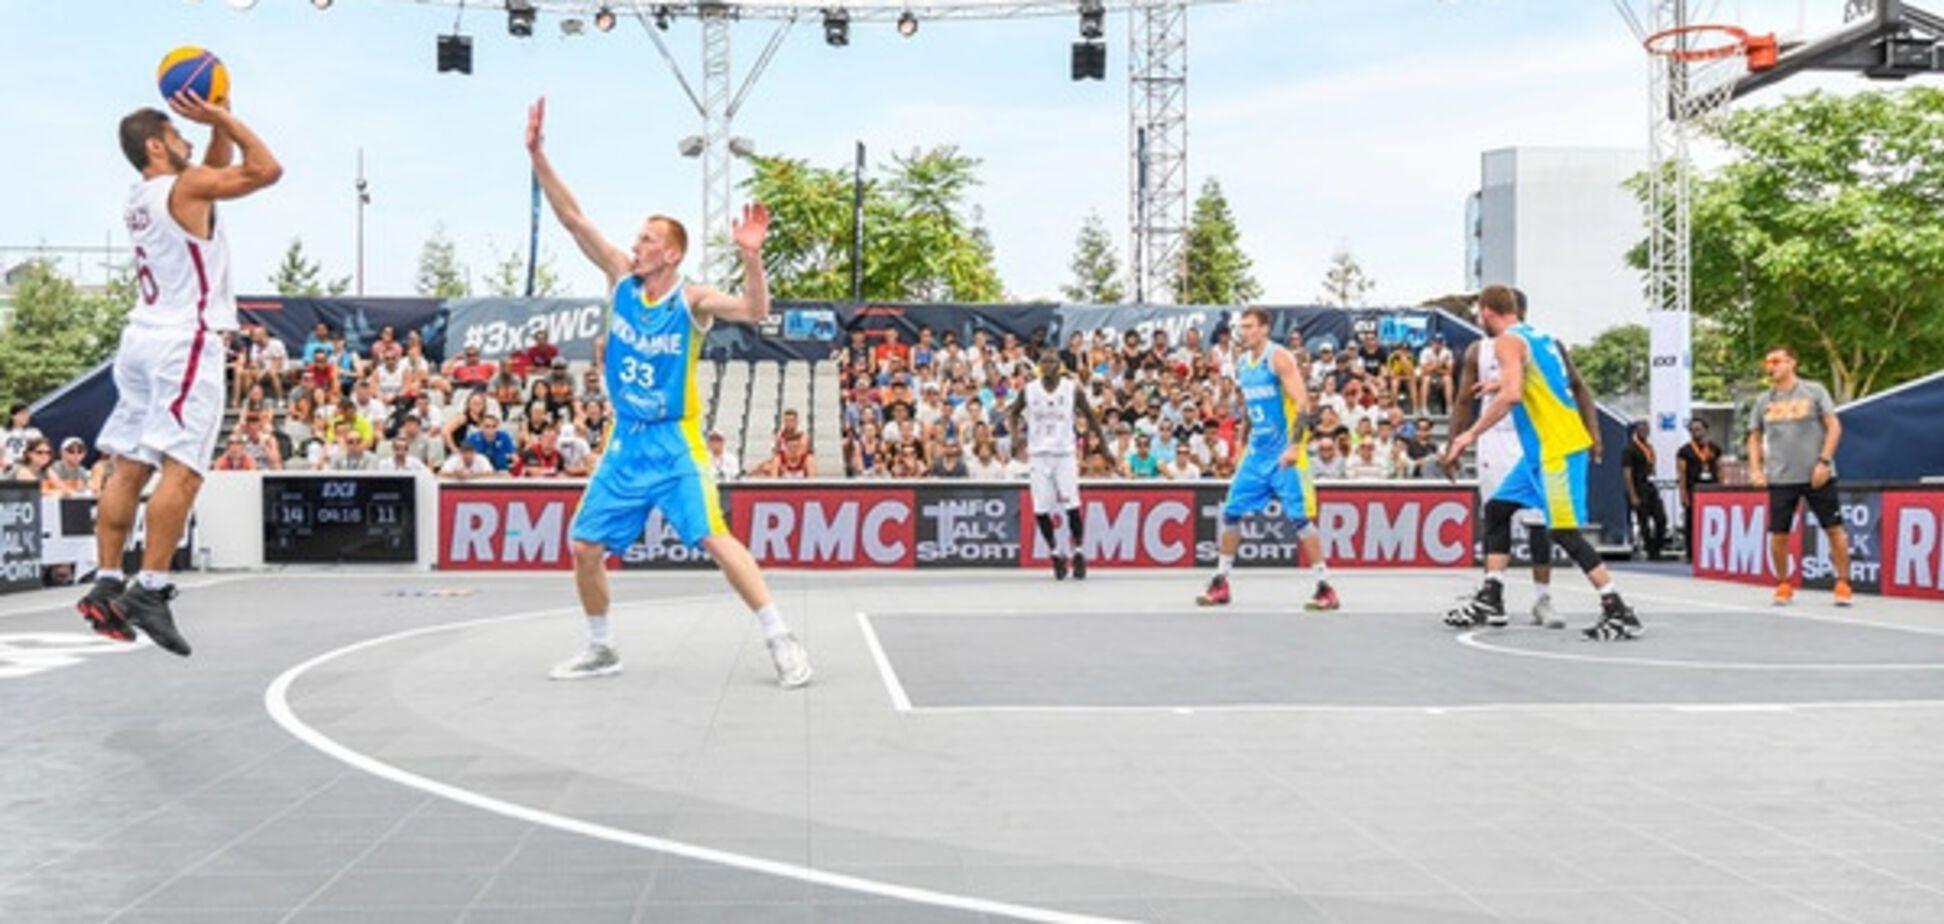 Україна на Кубку світу з баскетболу 3х3: анонс чвертьфінальних матчів